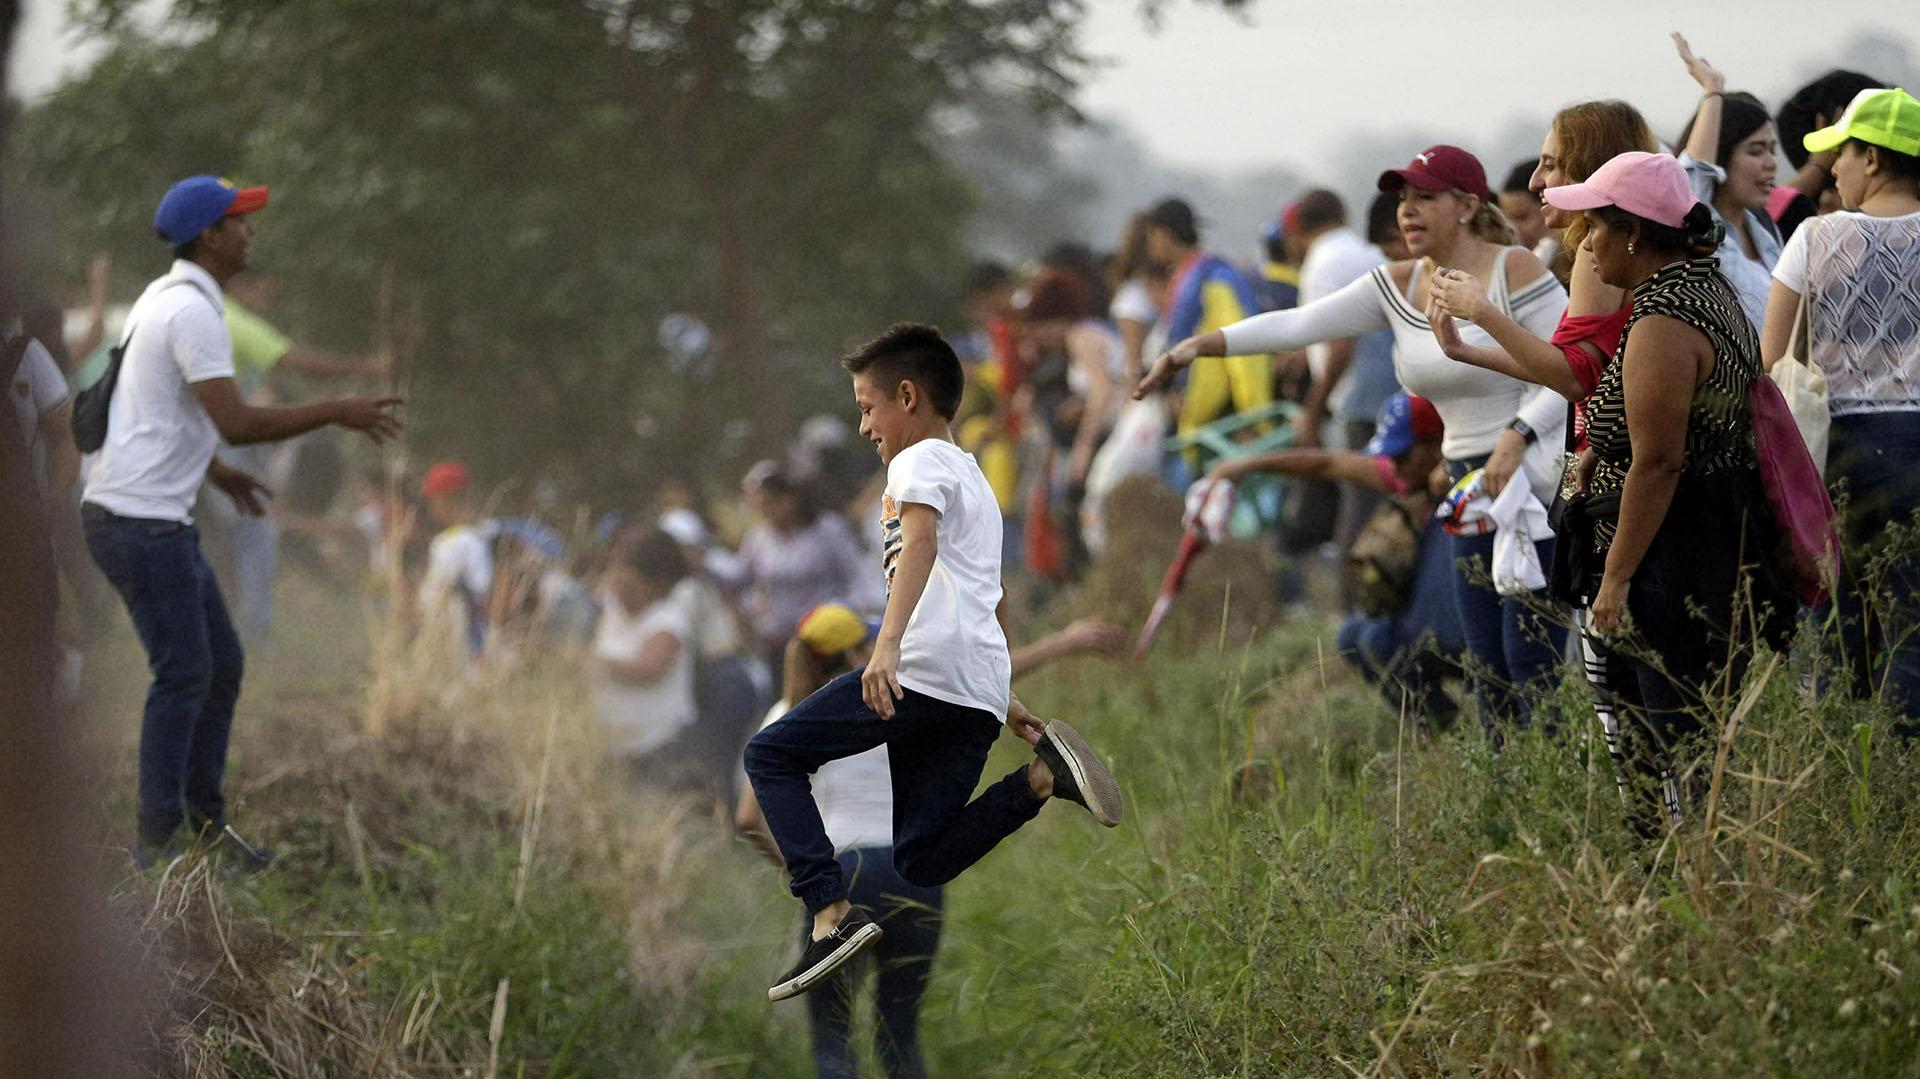 La gente llega al concierto Venezuela Aid Live en las afueras de Cúcuta, Colombia, en la frontera con Venezuela, el viernes 22 de febrero de 2019. (AP)